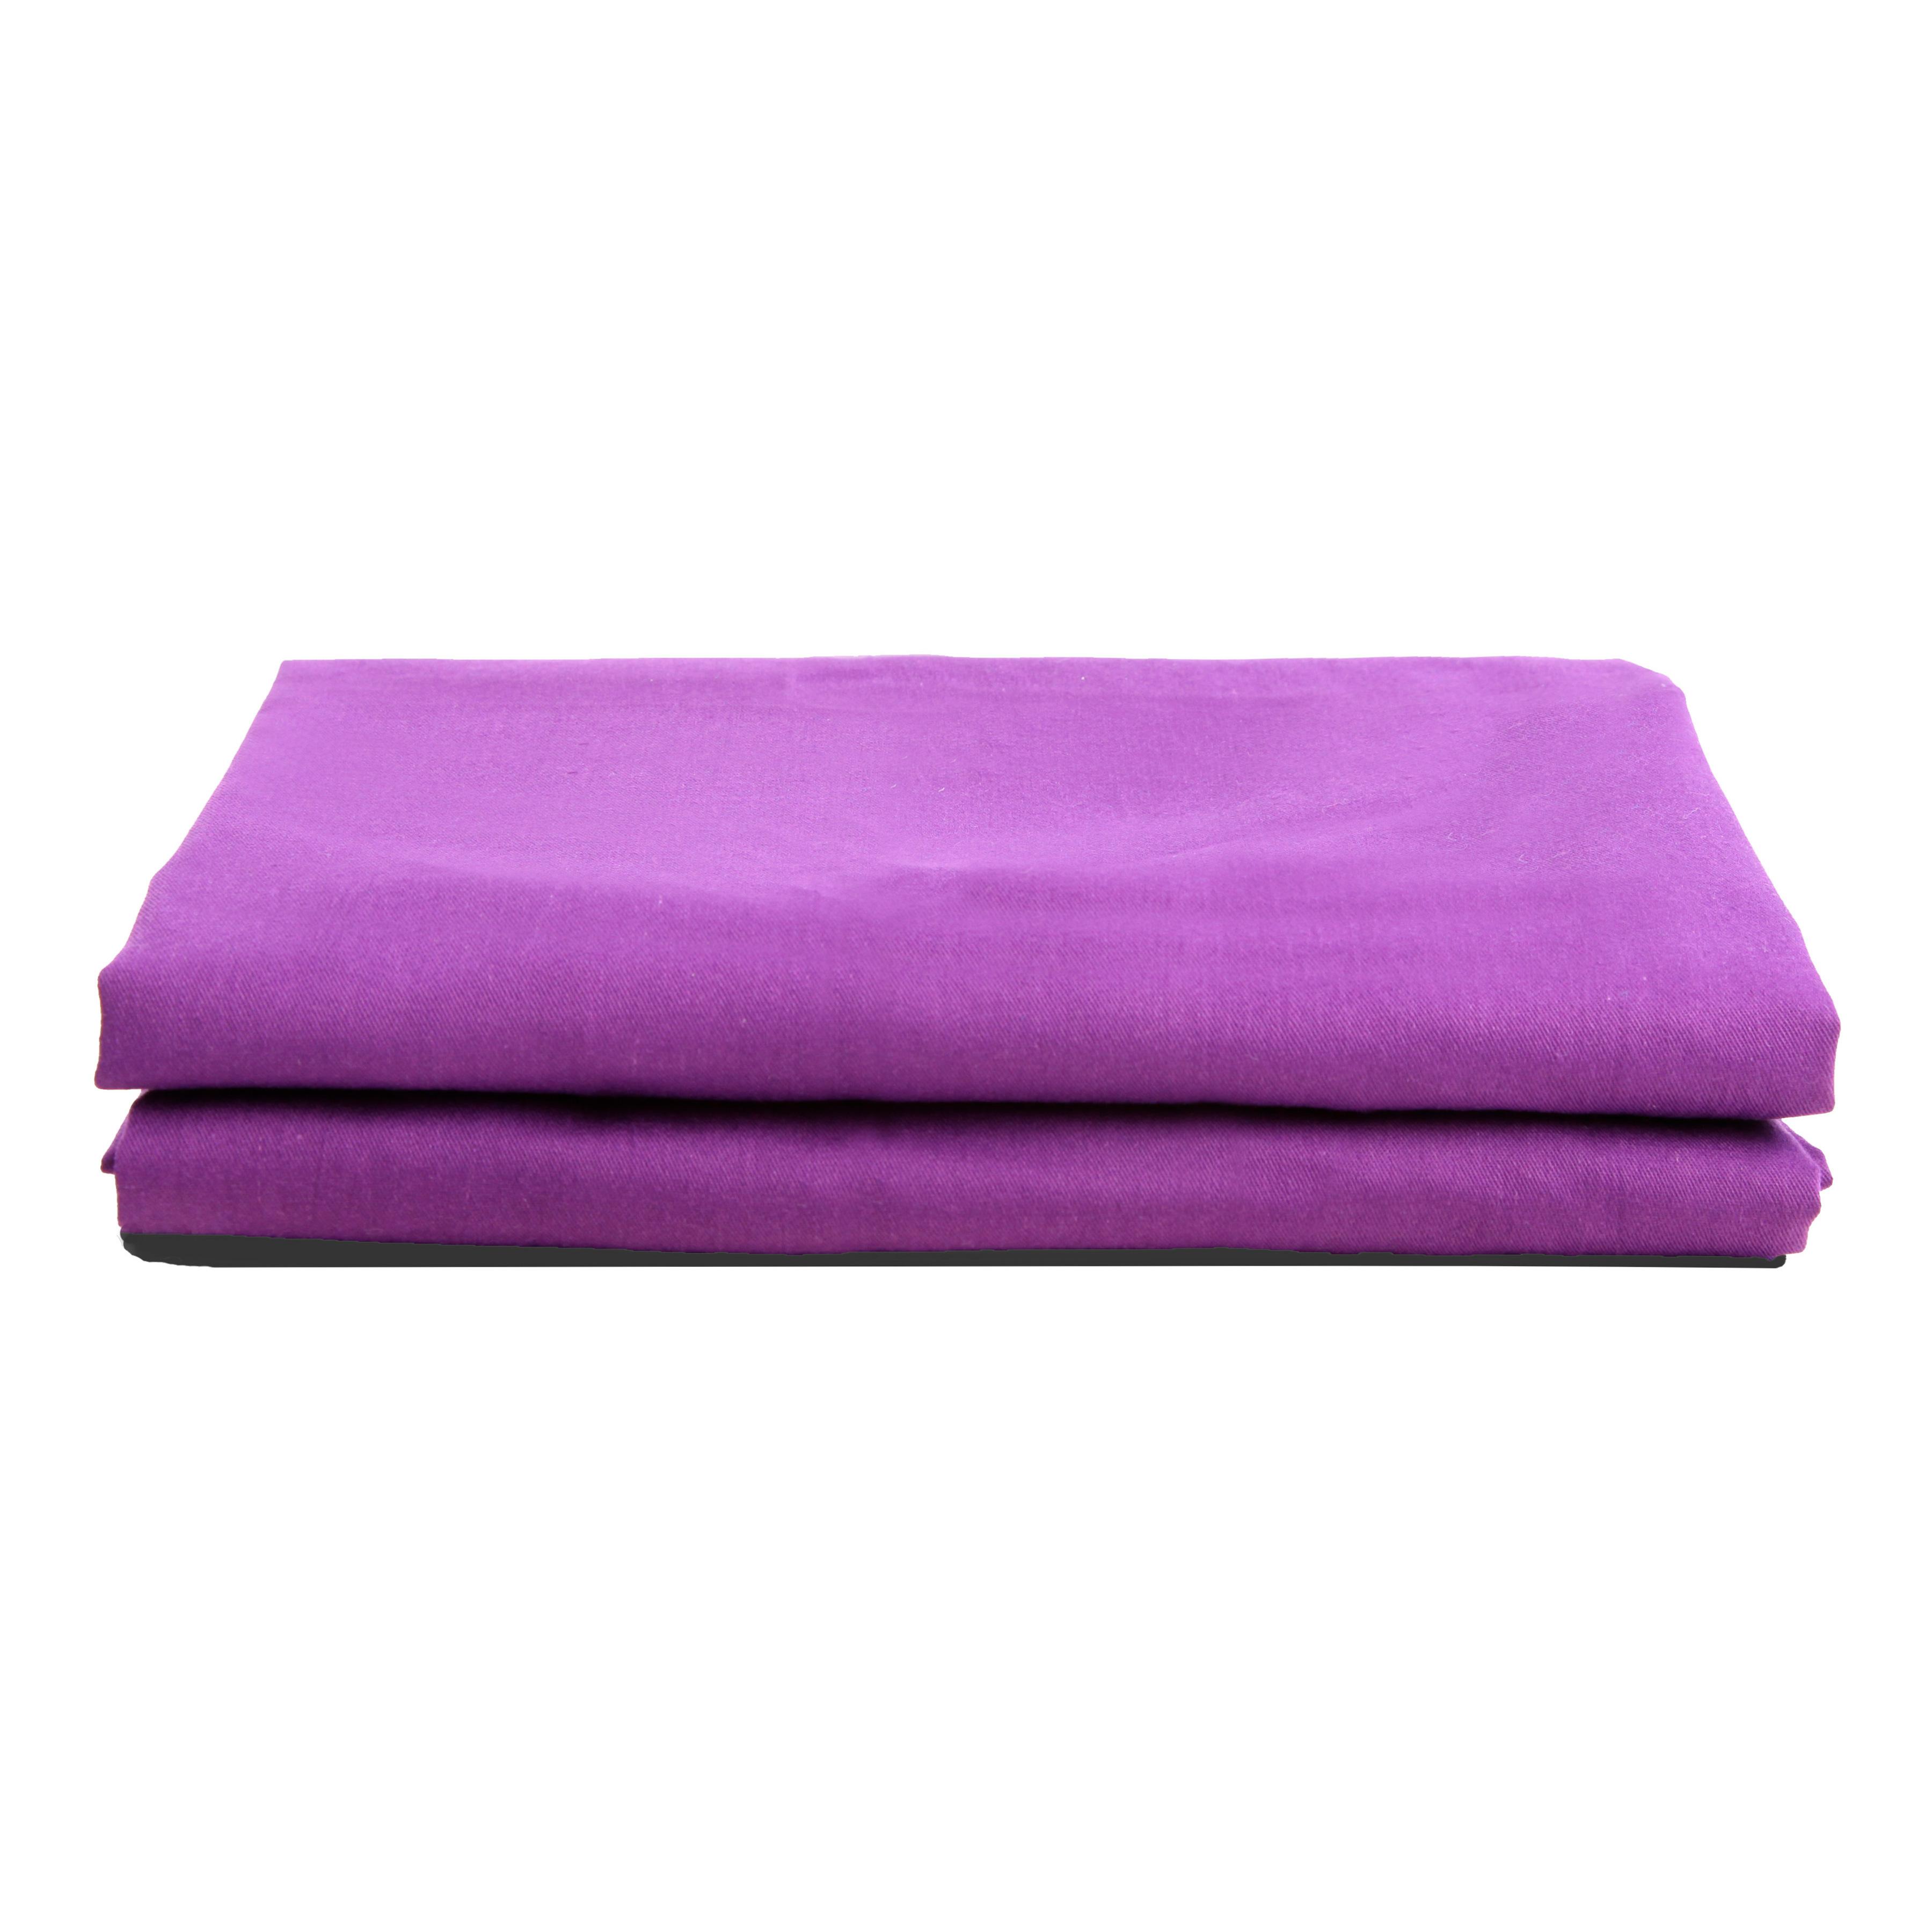 Sleepbag lagner - Lilla - 2 stk.